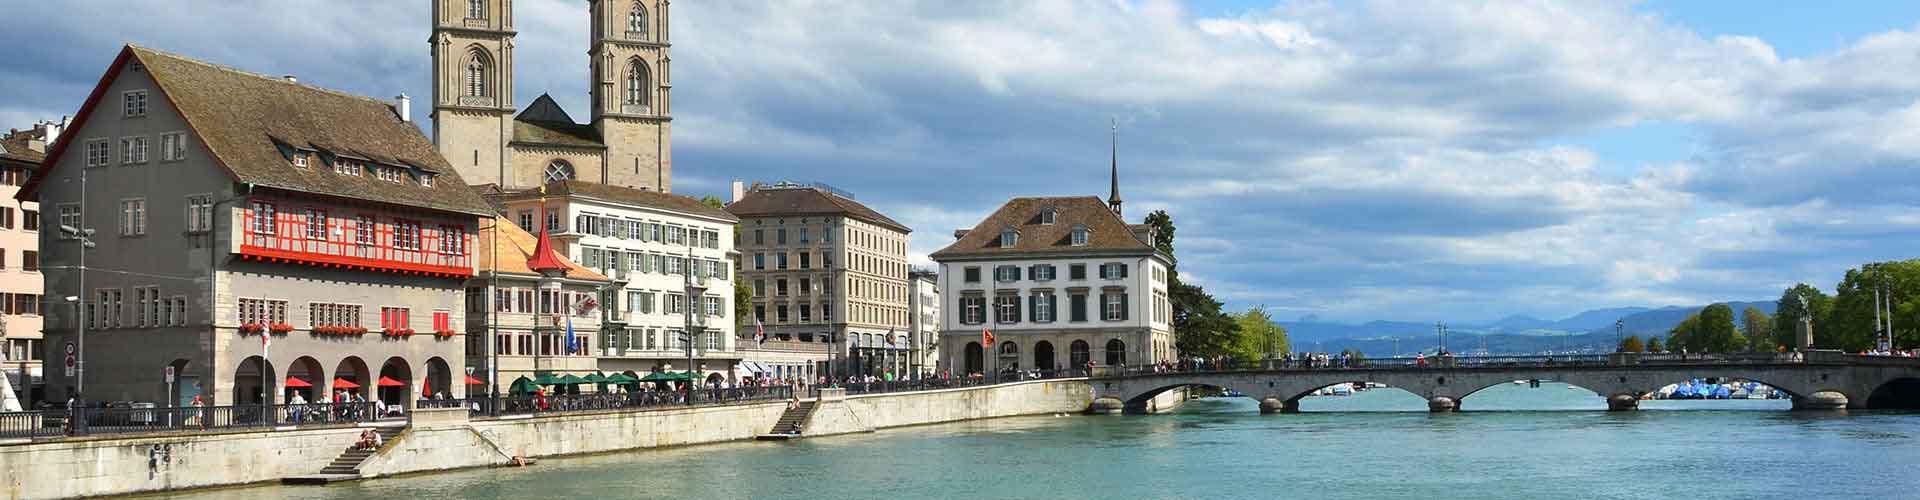 Zurich - Auberges de jeunesse près de Fraumünster. Cartes pour Zurich, photos et commentaires pour chaque auberge de jeunesse à Zurich.